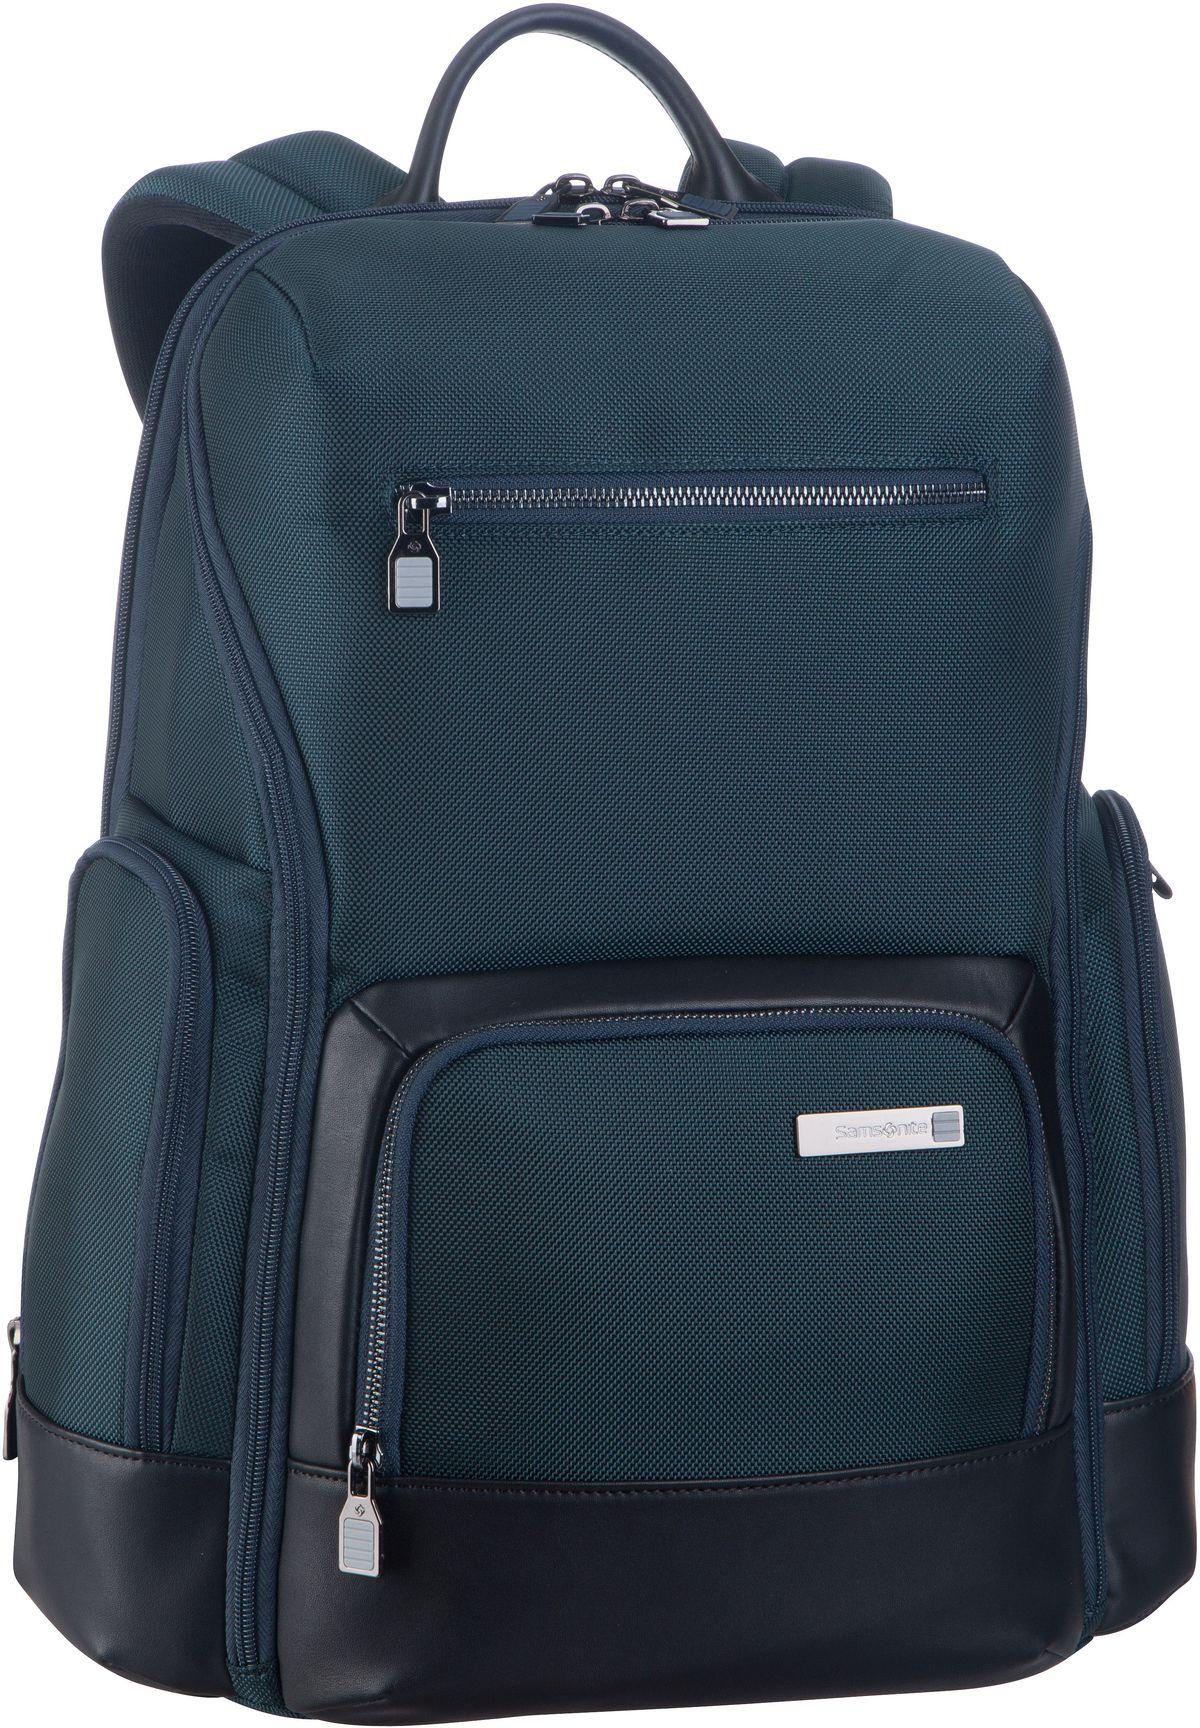 Rucksack / Daypack Safton LP Backpack 15.6'' Blue (20 Liter)